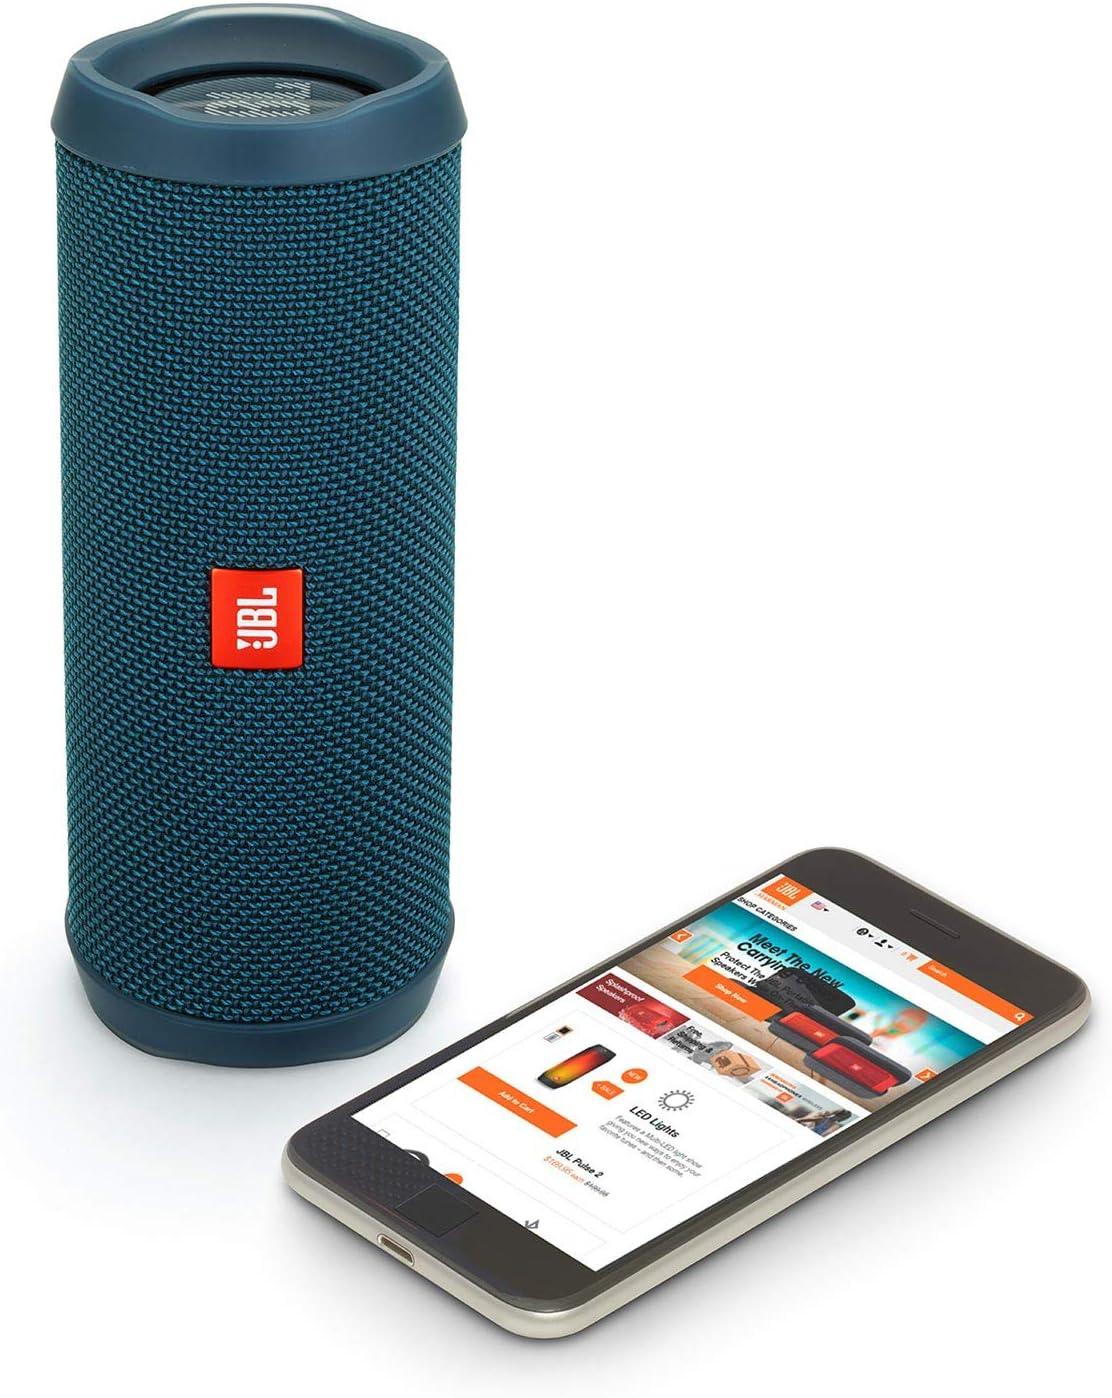 JBL Flip 4 Waterproof Portable Wireless Bluetooth Speaker Bundle Black Pair